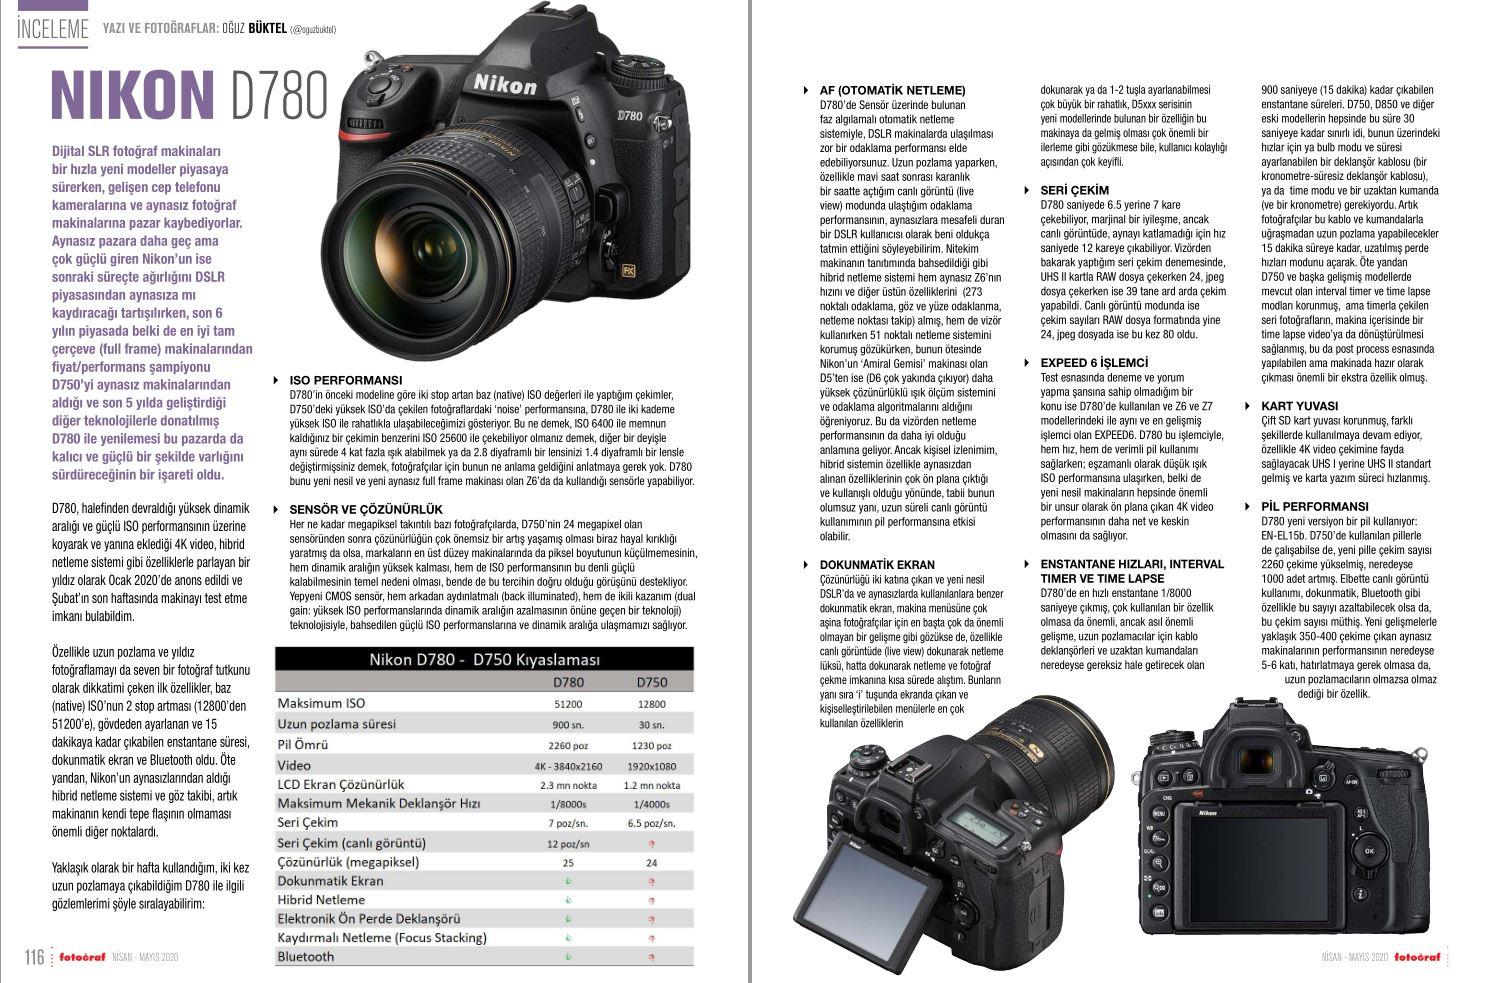 Fotoğraf Dergisi Nisan-Mayıs 2020 Sayısı: Nikon D780 İnceleme